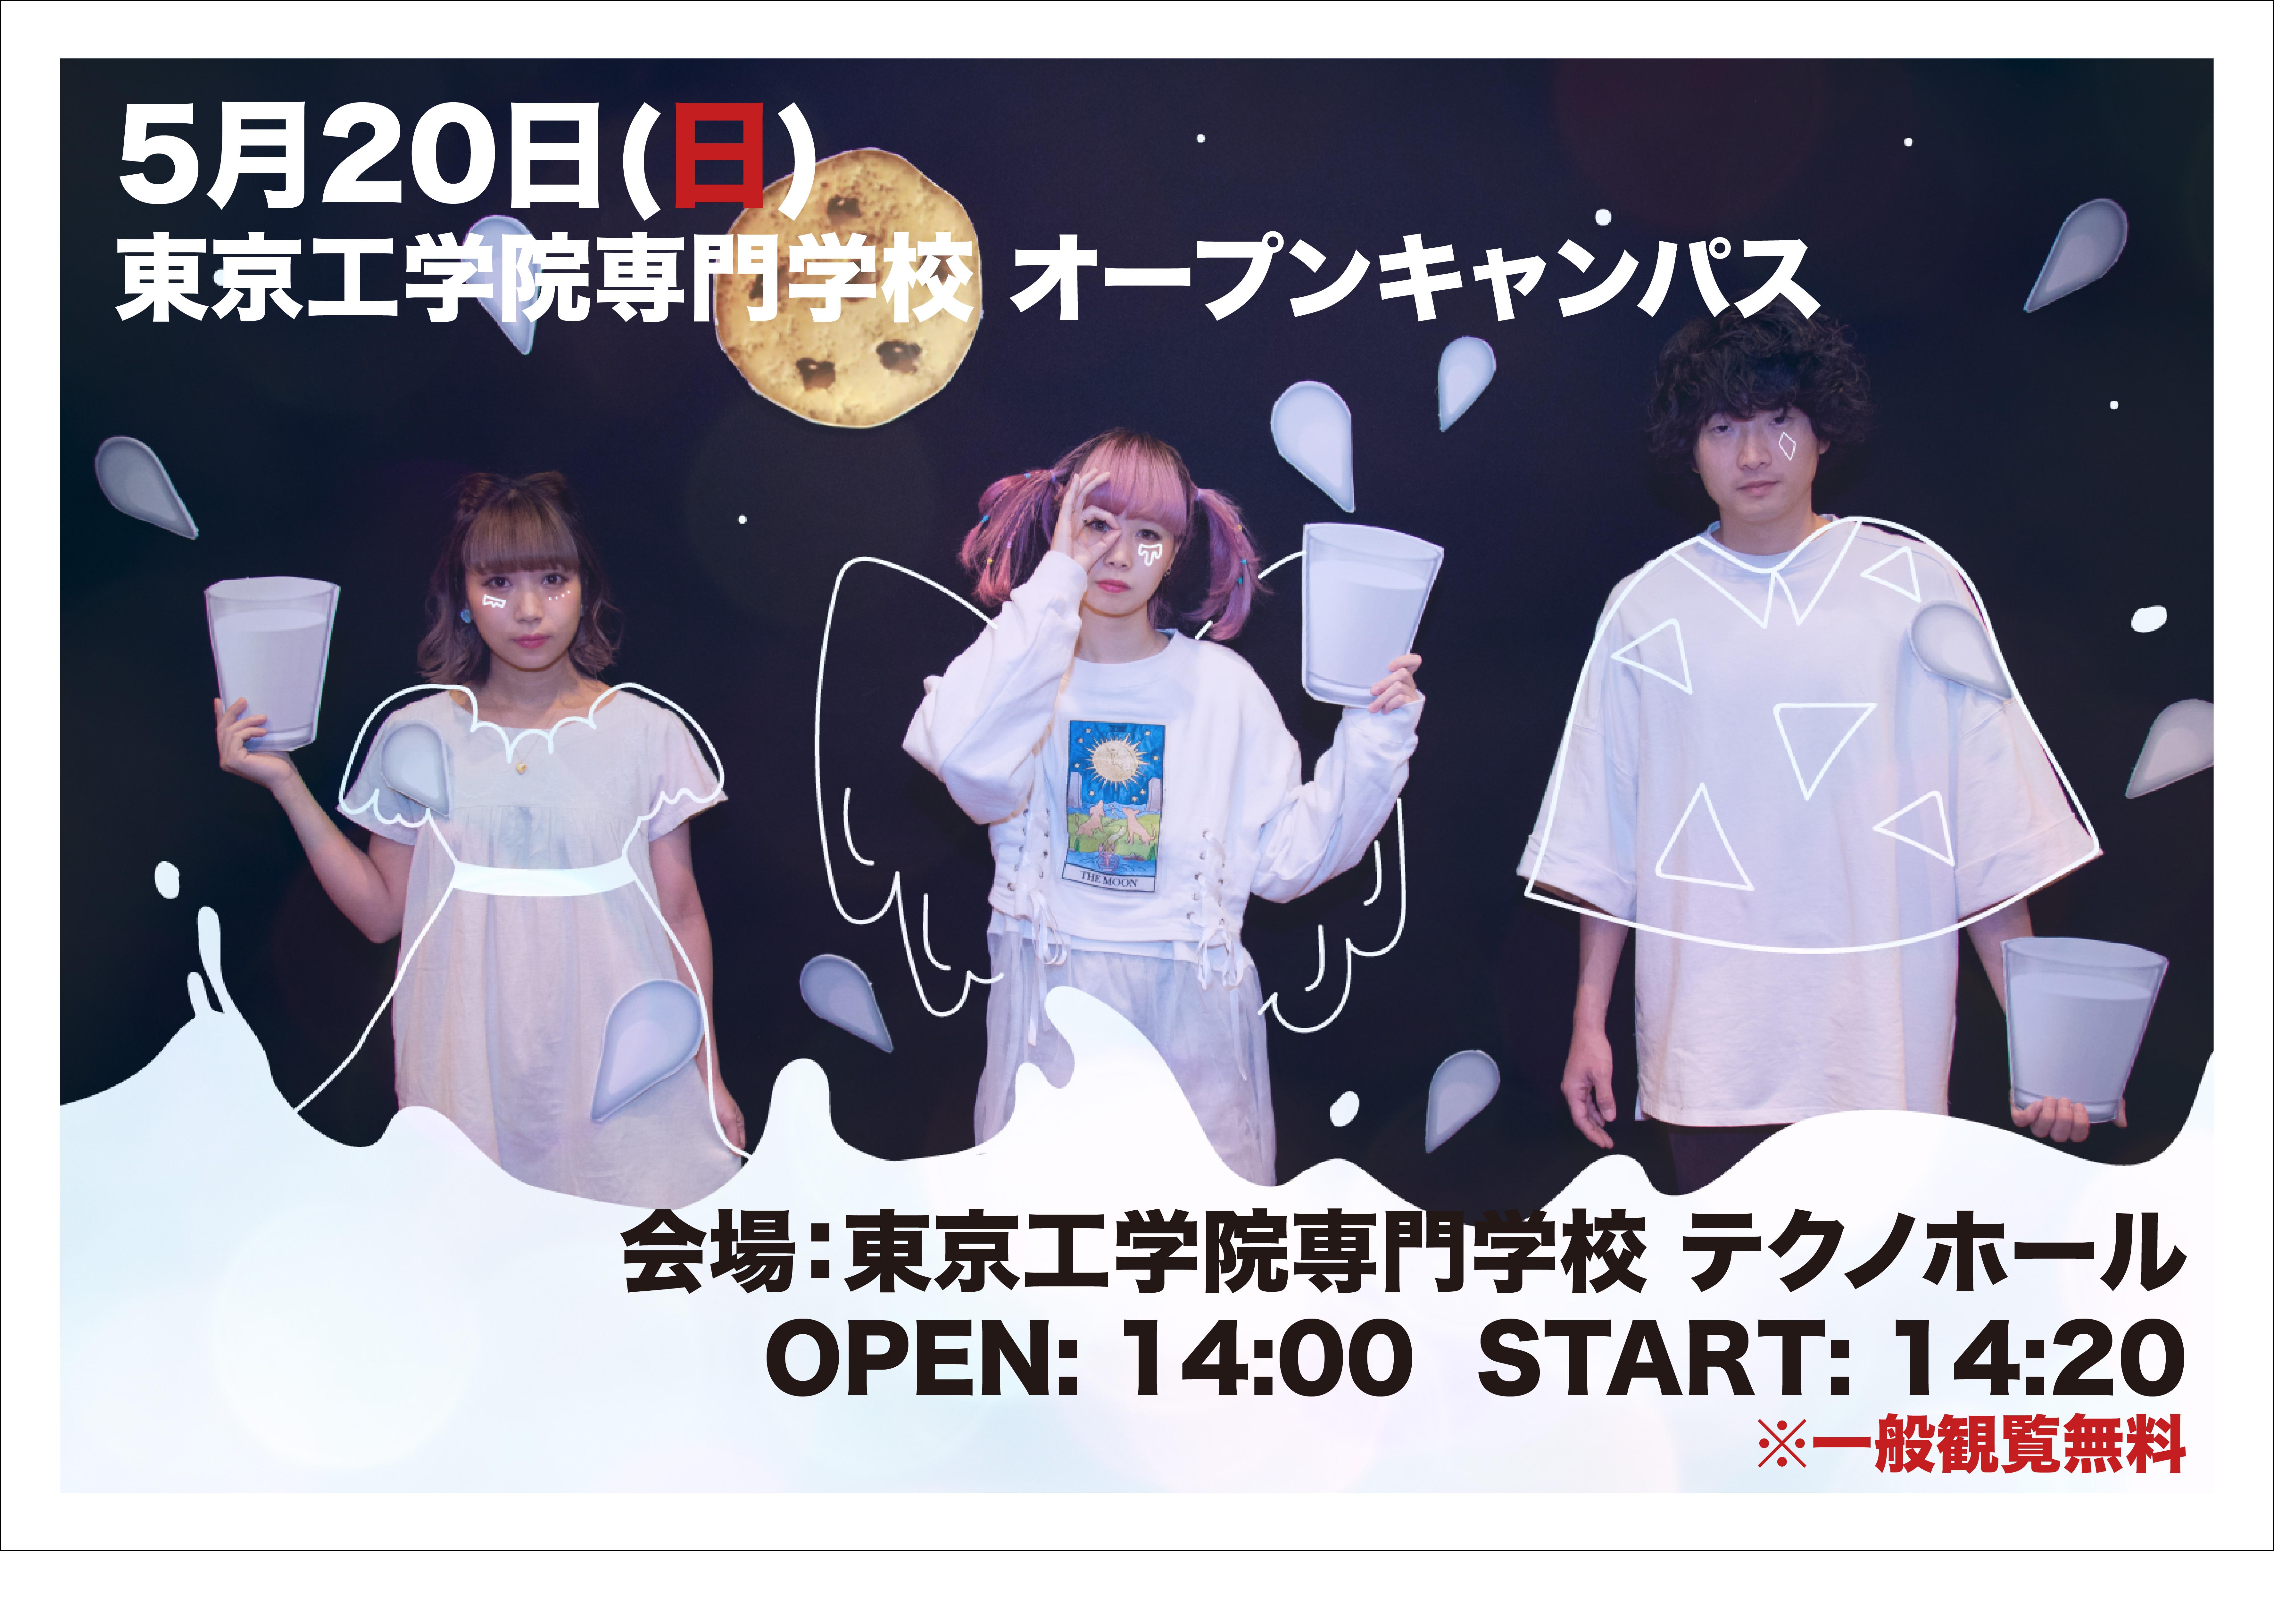 ◆5/20(日)東京工学院 オープンキャンパスゲスト決定!